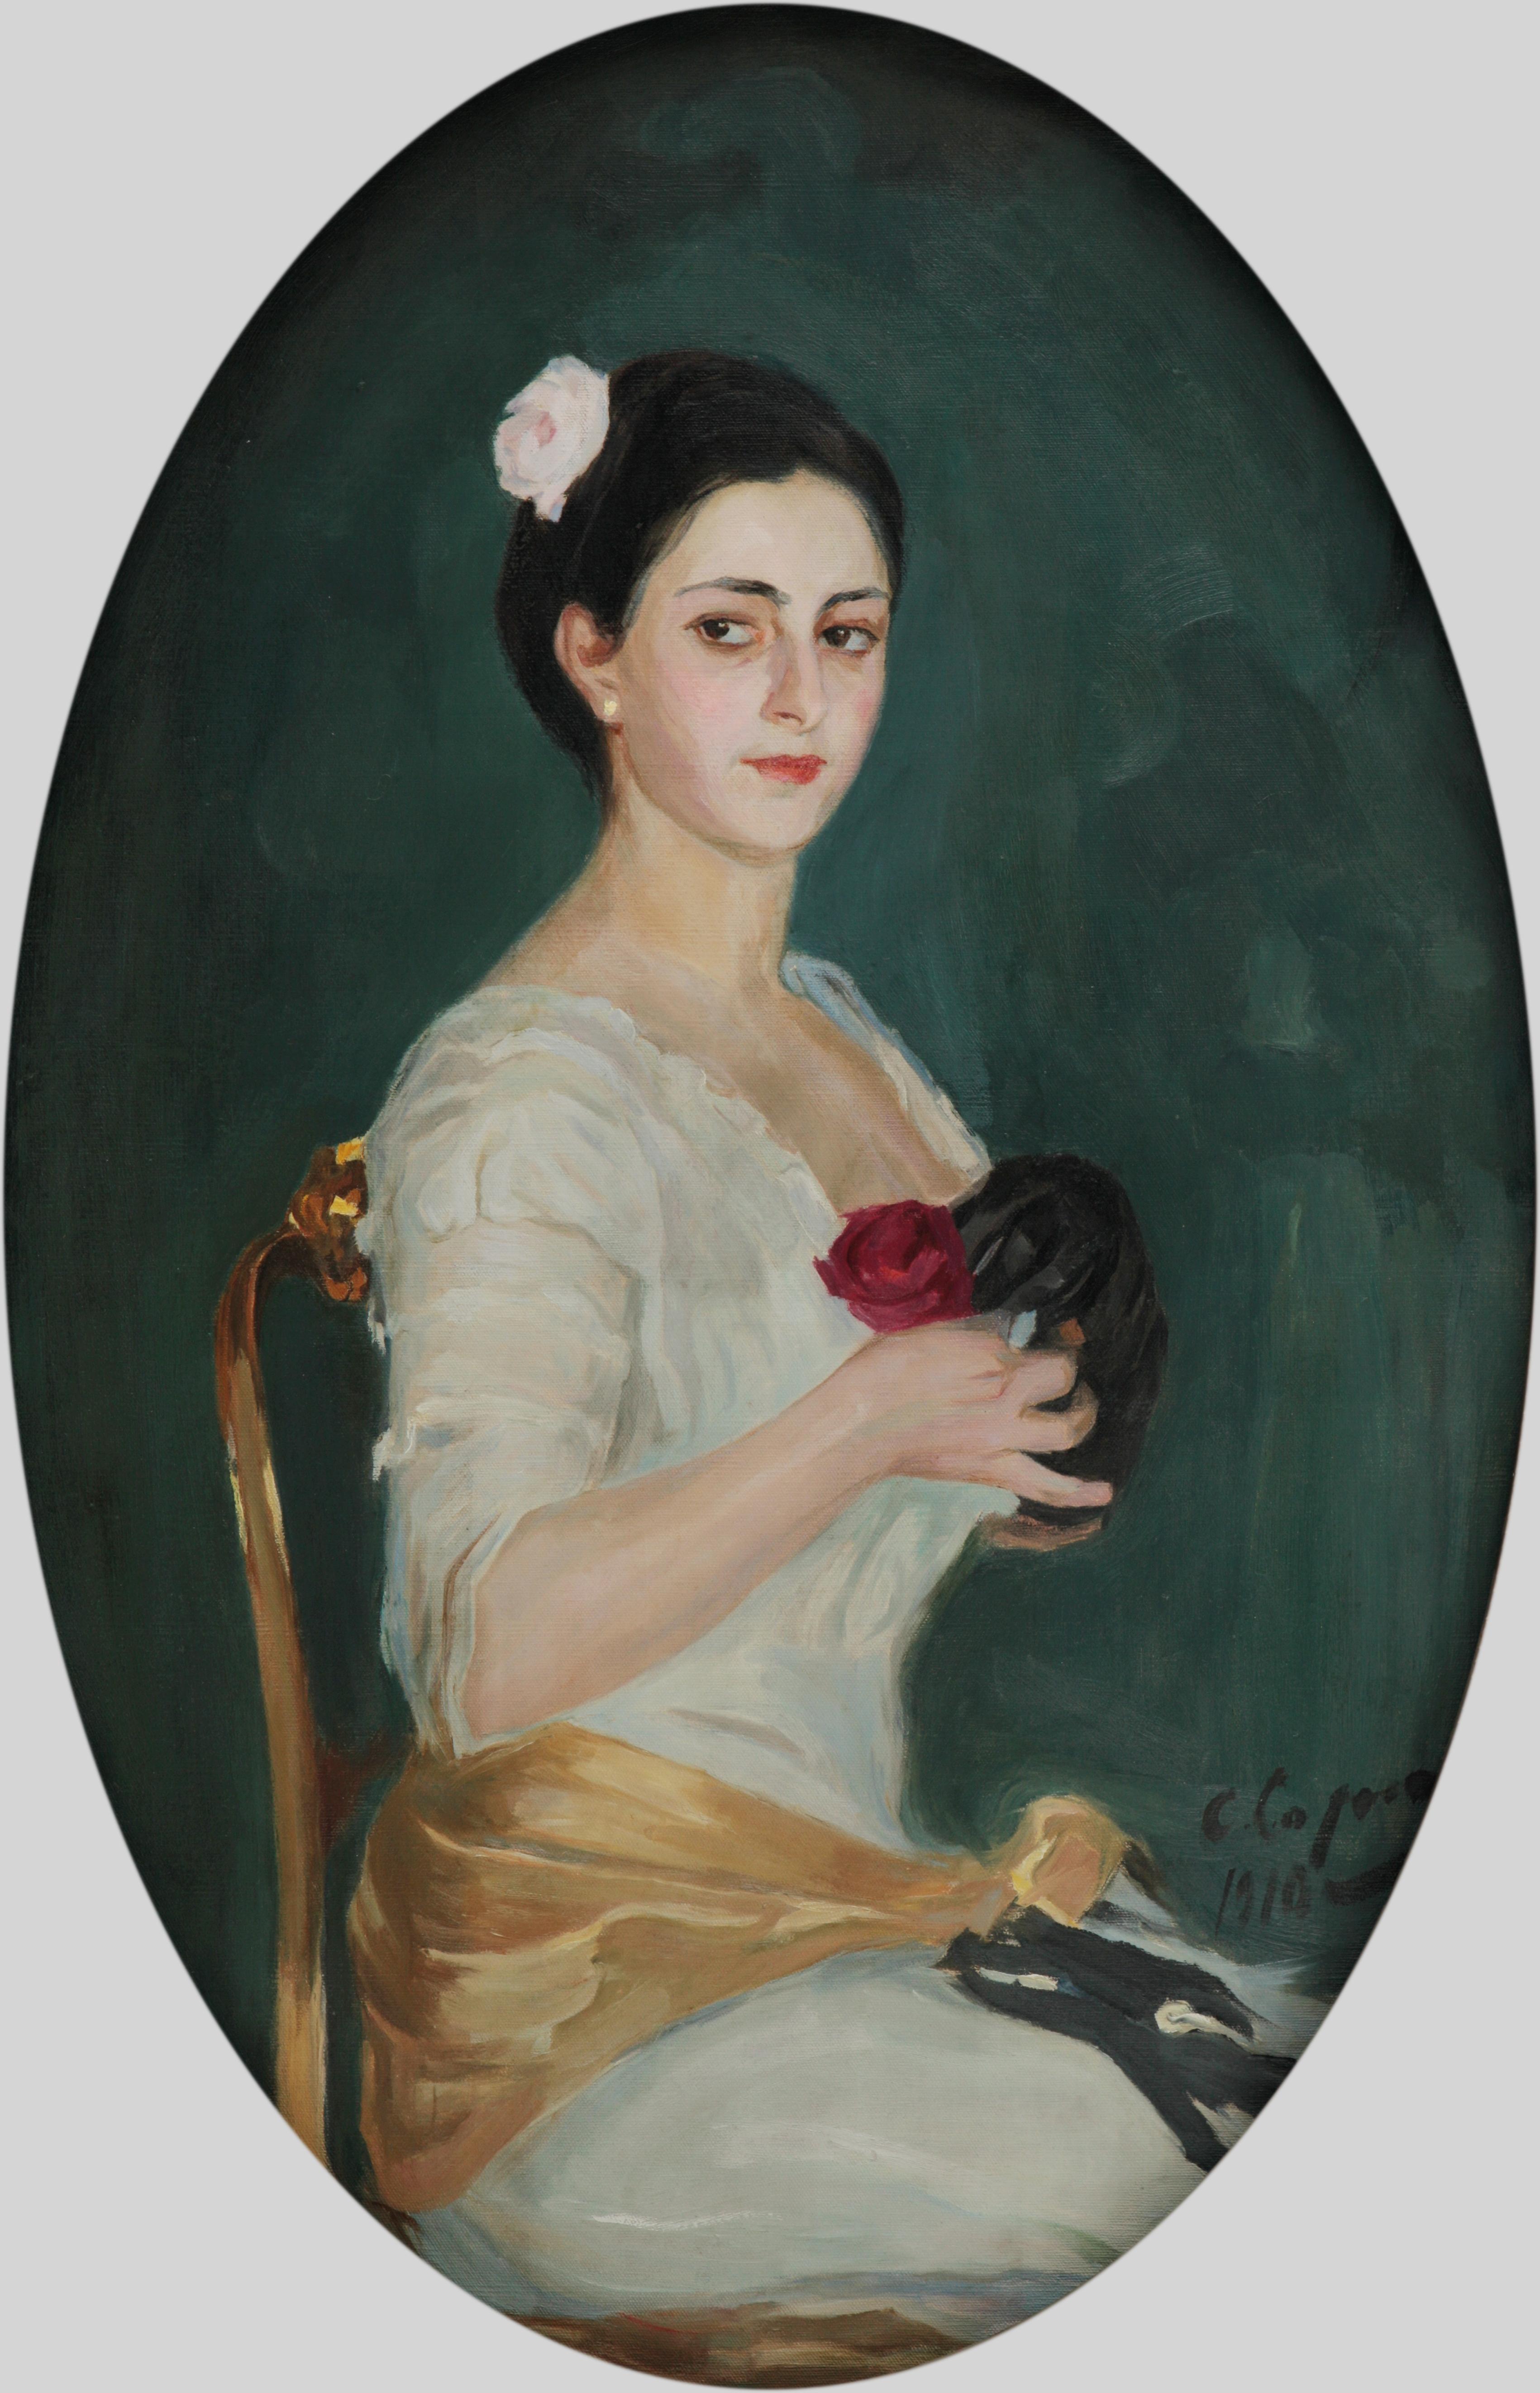 95 Портрет женщины с розой  1910 х.м. 106Х70 (овал)Картина из корпоративной коллекции Белгазпромбанка приобретена у частного коллекционера в СПб.